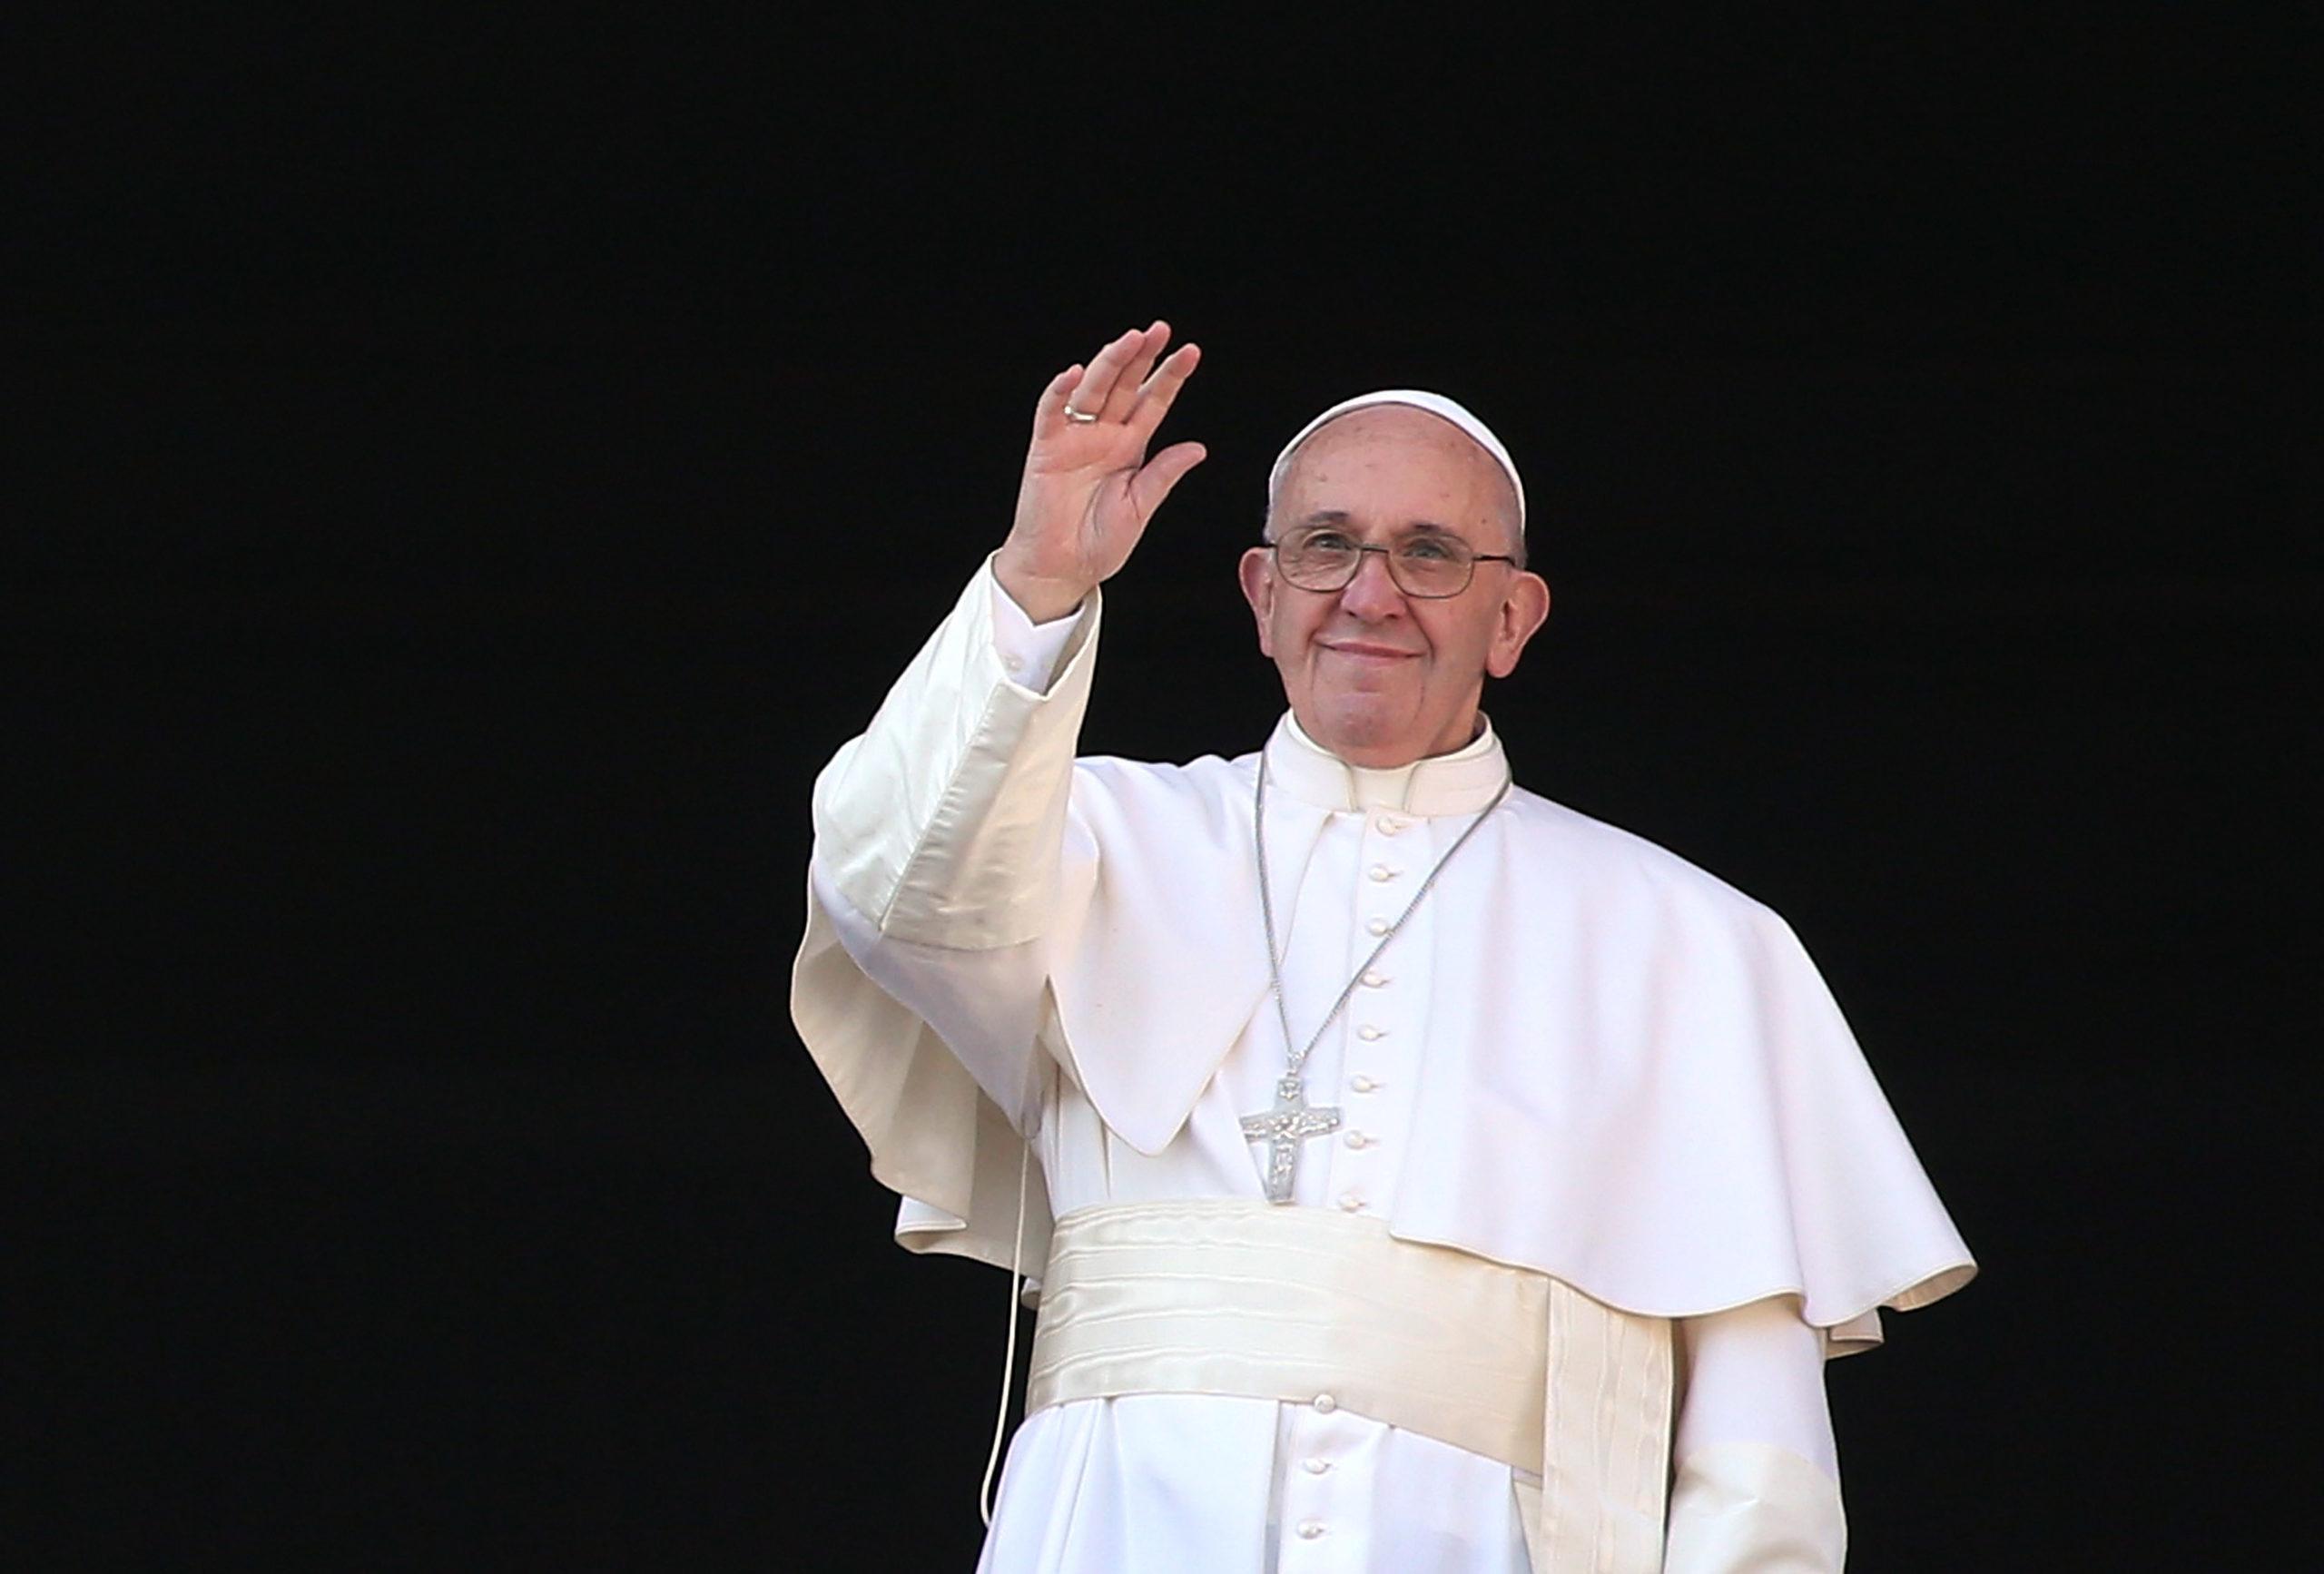 Papież Franciszek pomógł grupie transpłciowych pracownic seksualnych, które niemiały zaco żyć